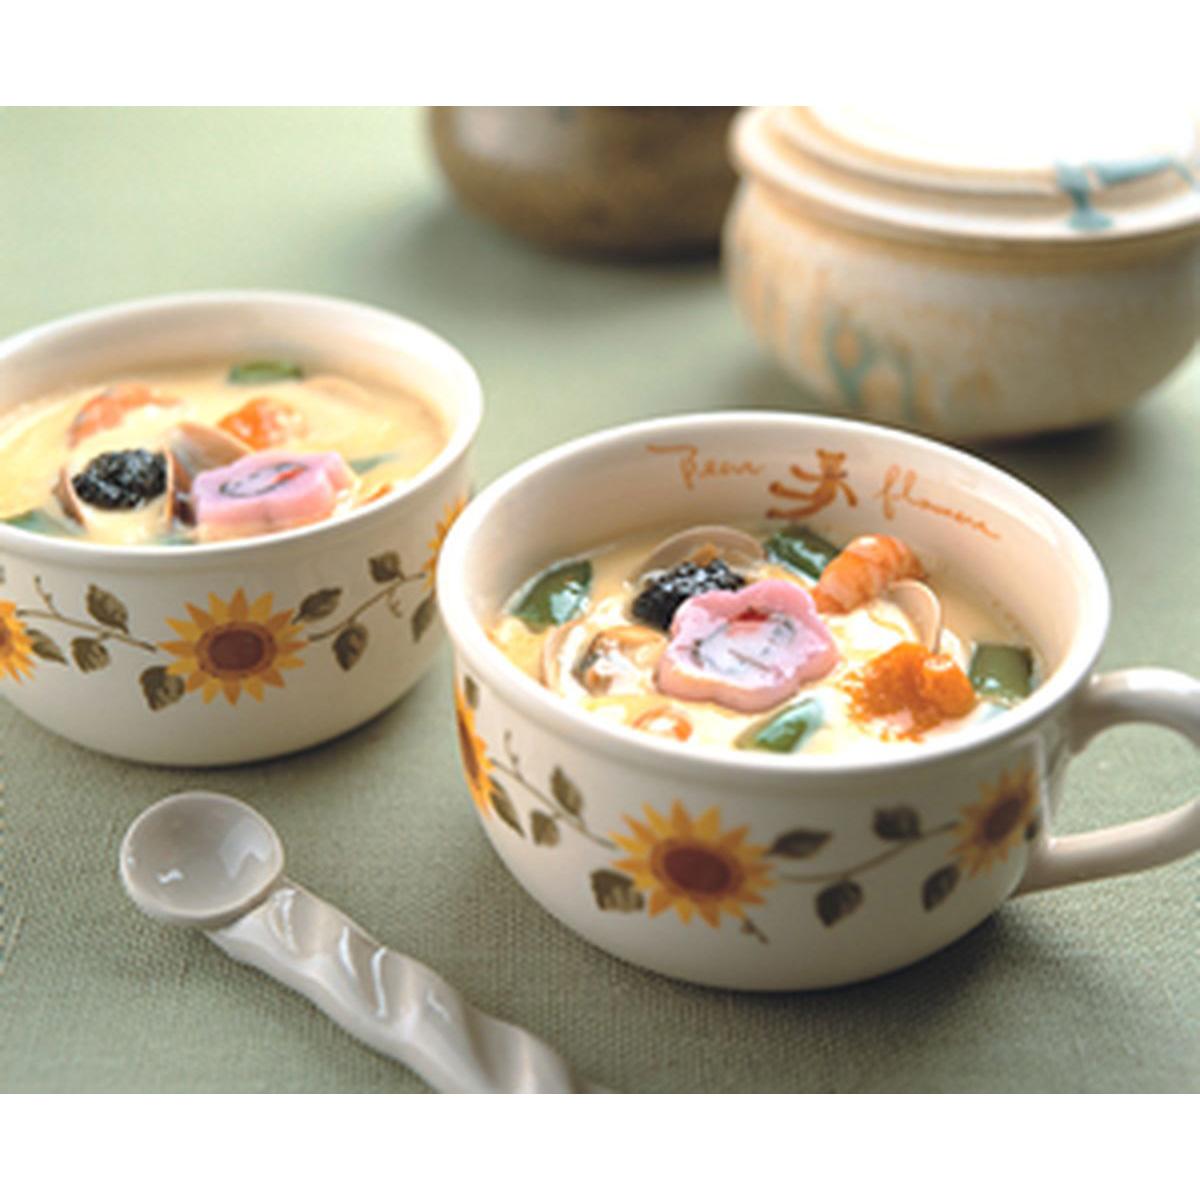 食譜:魚子茶碗蒸